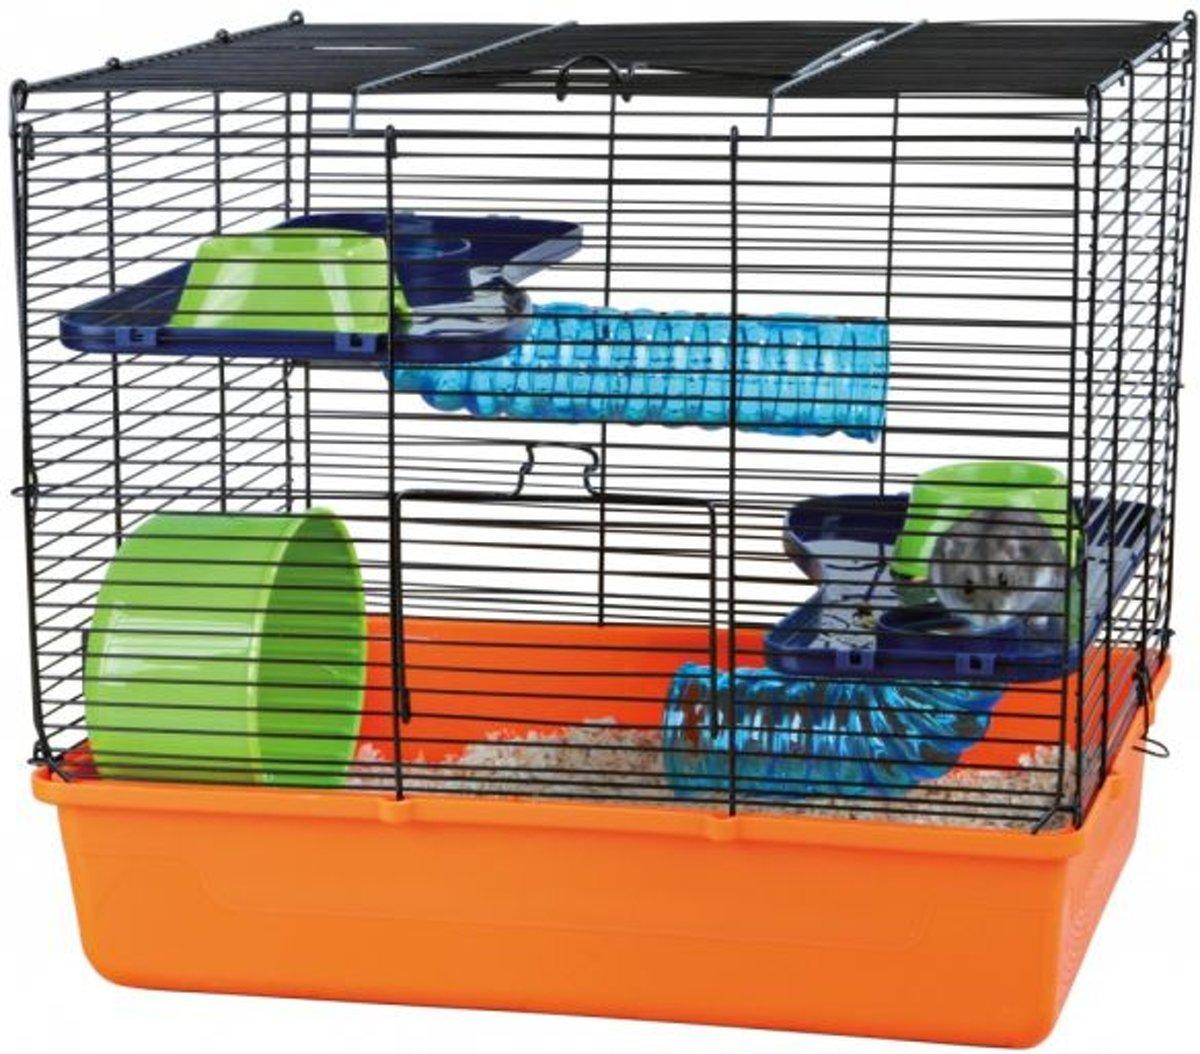 Trixie hamsterkooi met basis onderdelen oranje / blauw / groen